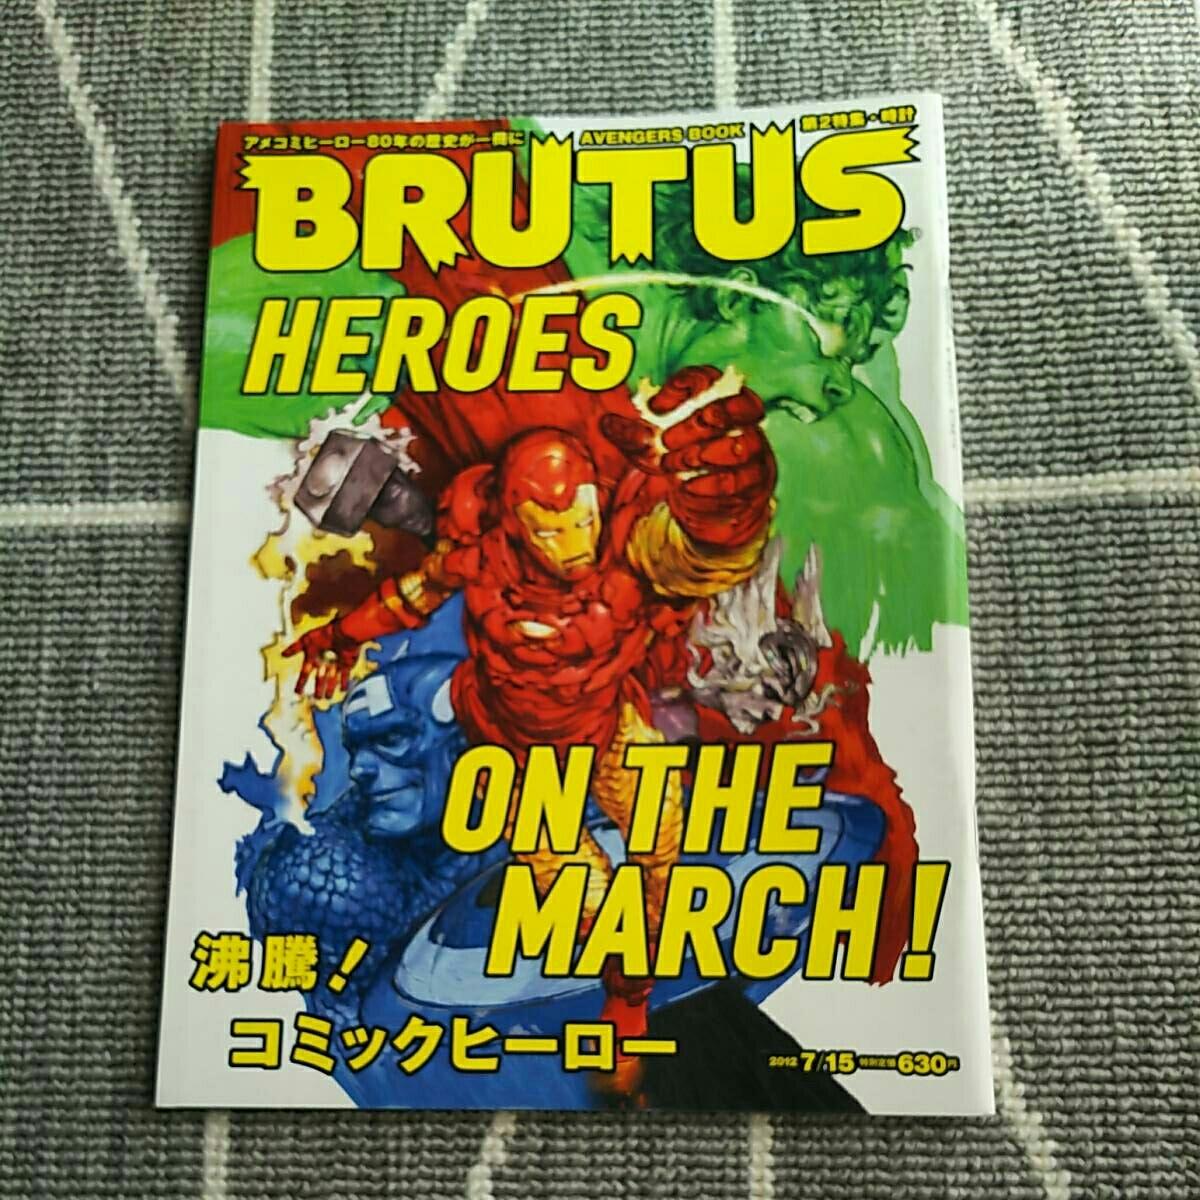 BRUTUS HEROES アメコミ アベンジャーズ MARVEL スパイダーマン キャプテンアメリカ アイアンマン ハルク ヴェノム スタンリー マーベル_画像1